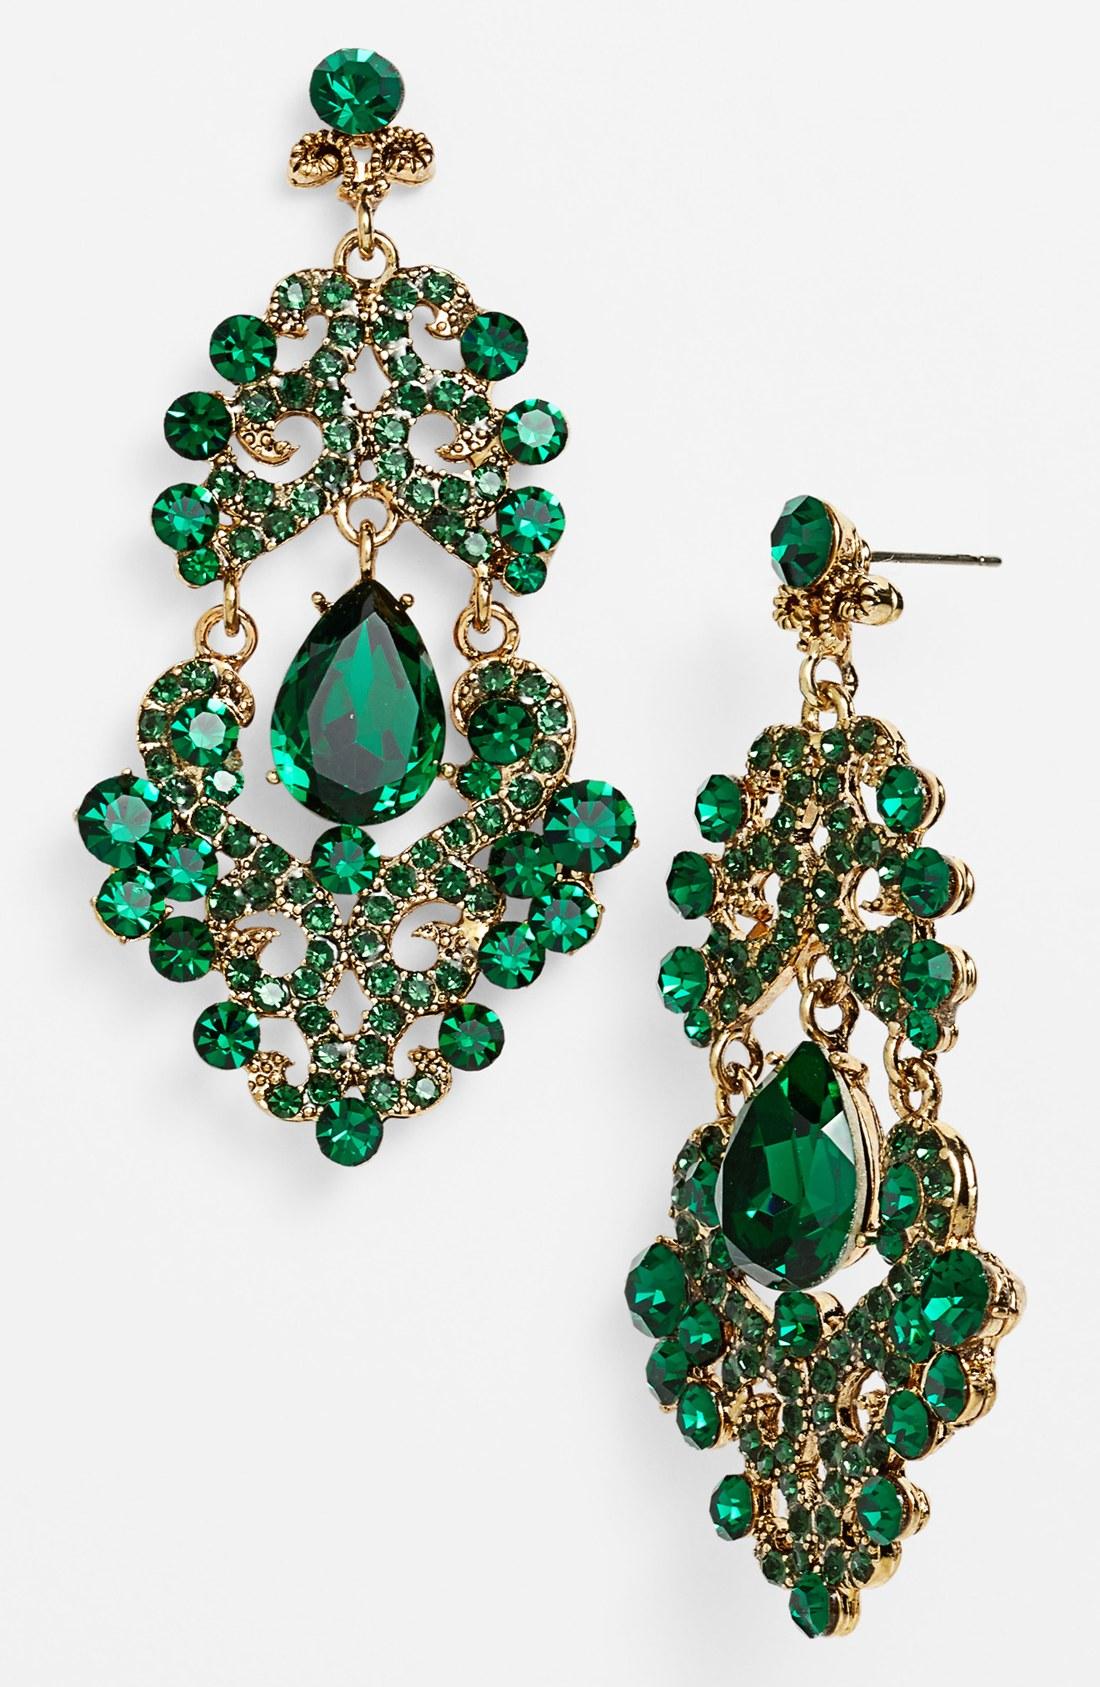 Tasha Ornate Chandelier Earrings in Green   Lyst